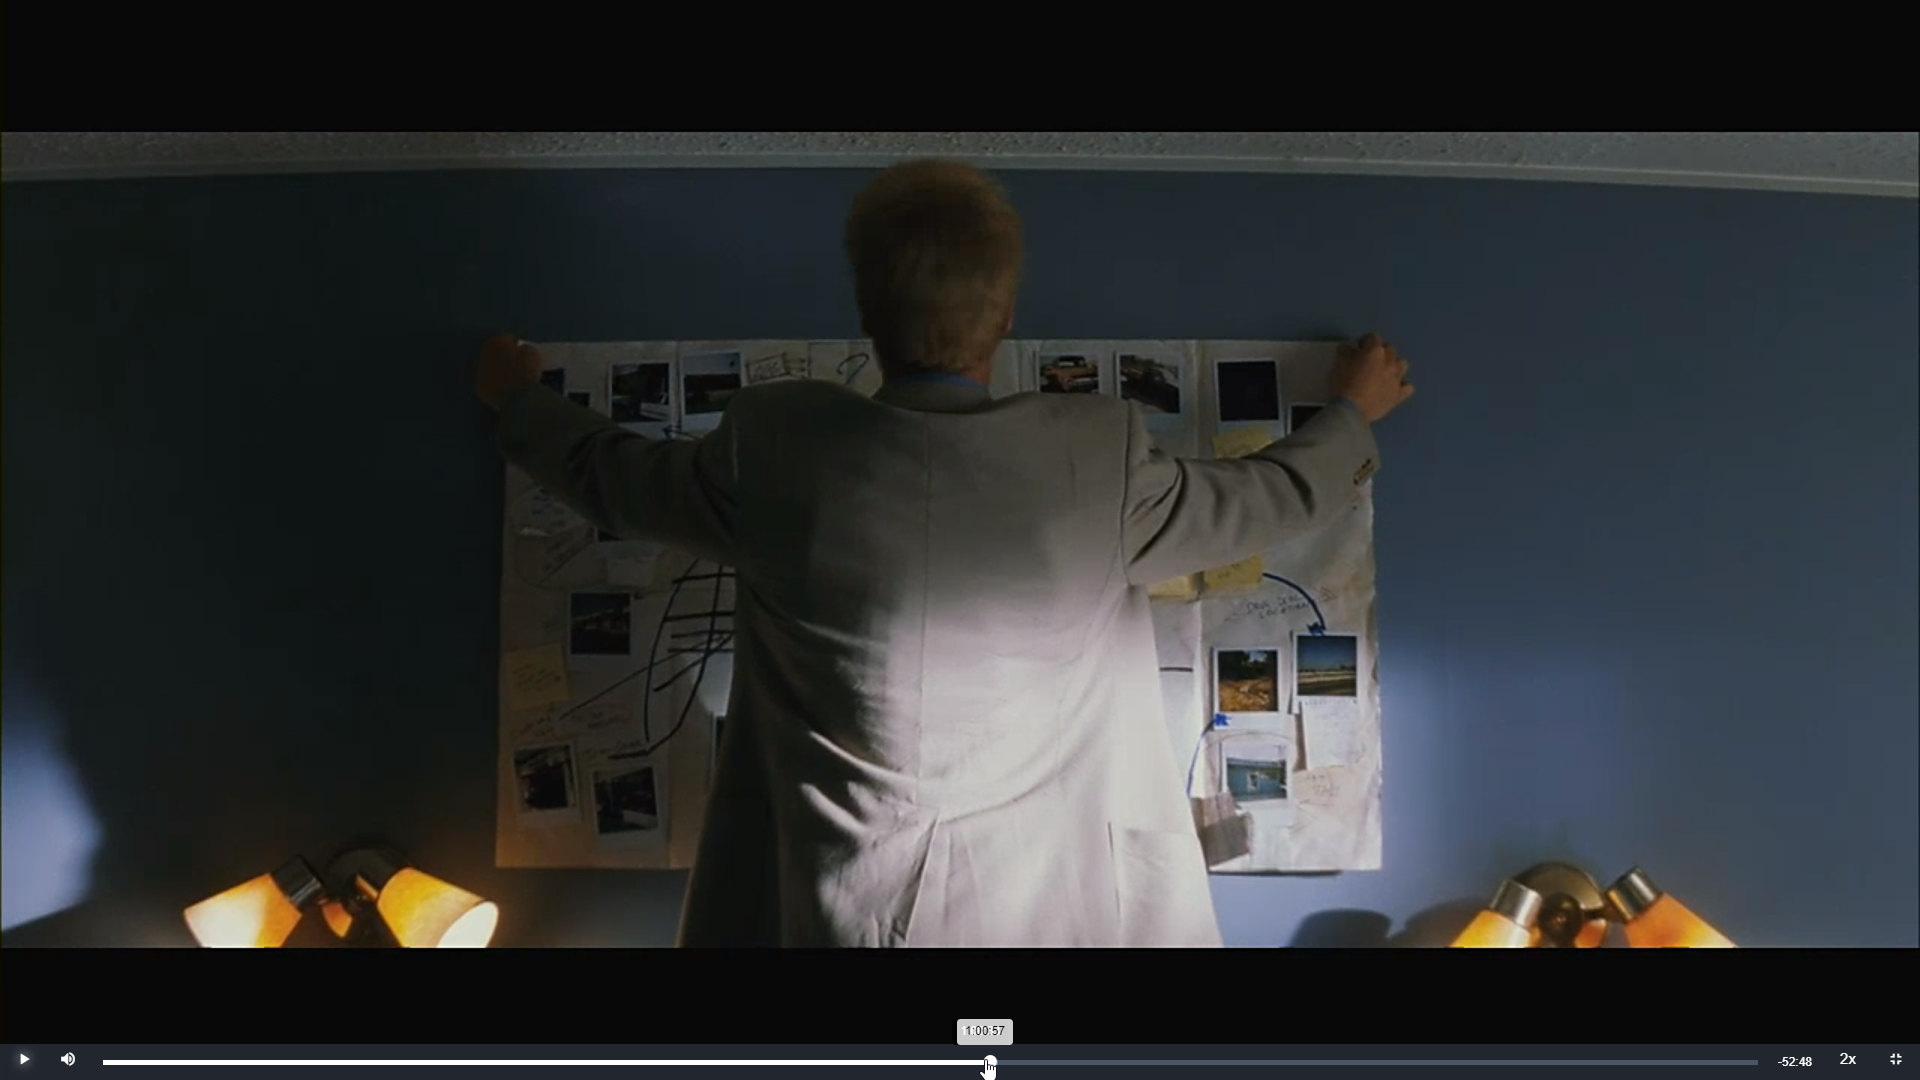 [感想] 電影-記憶拼圖 Memento (2000) 整理順序劇情&爭議討論-095.jpg